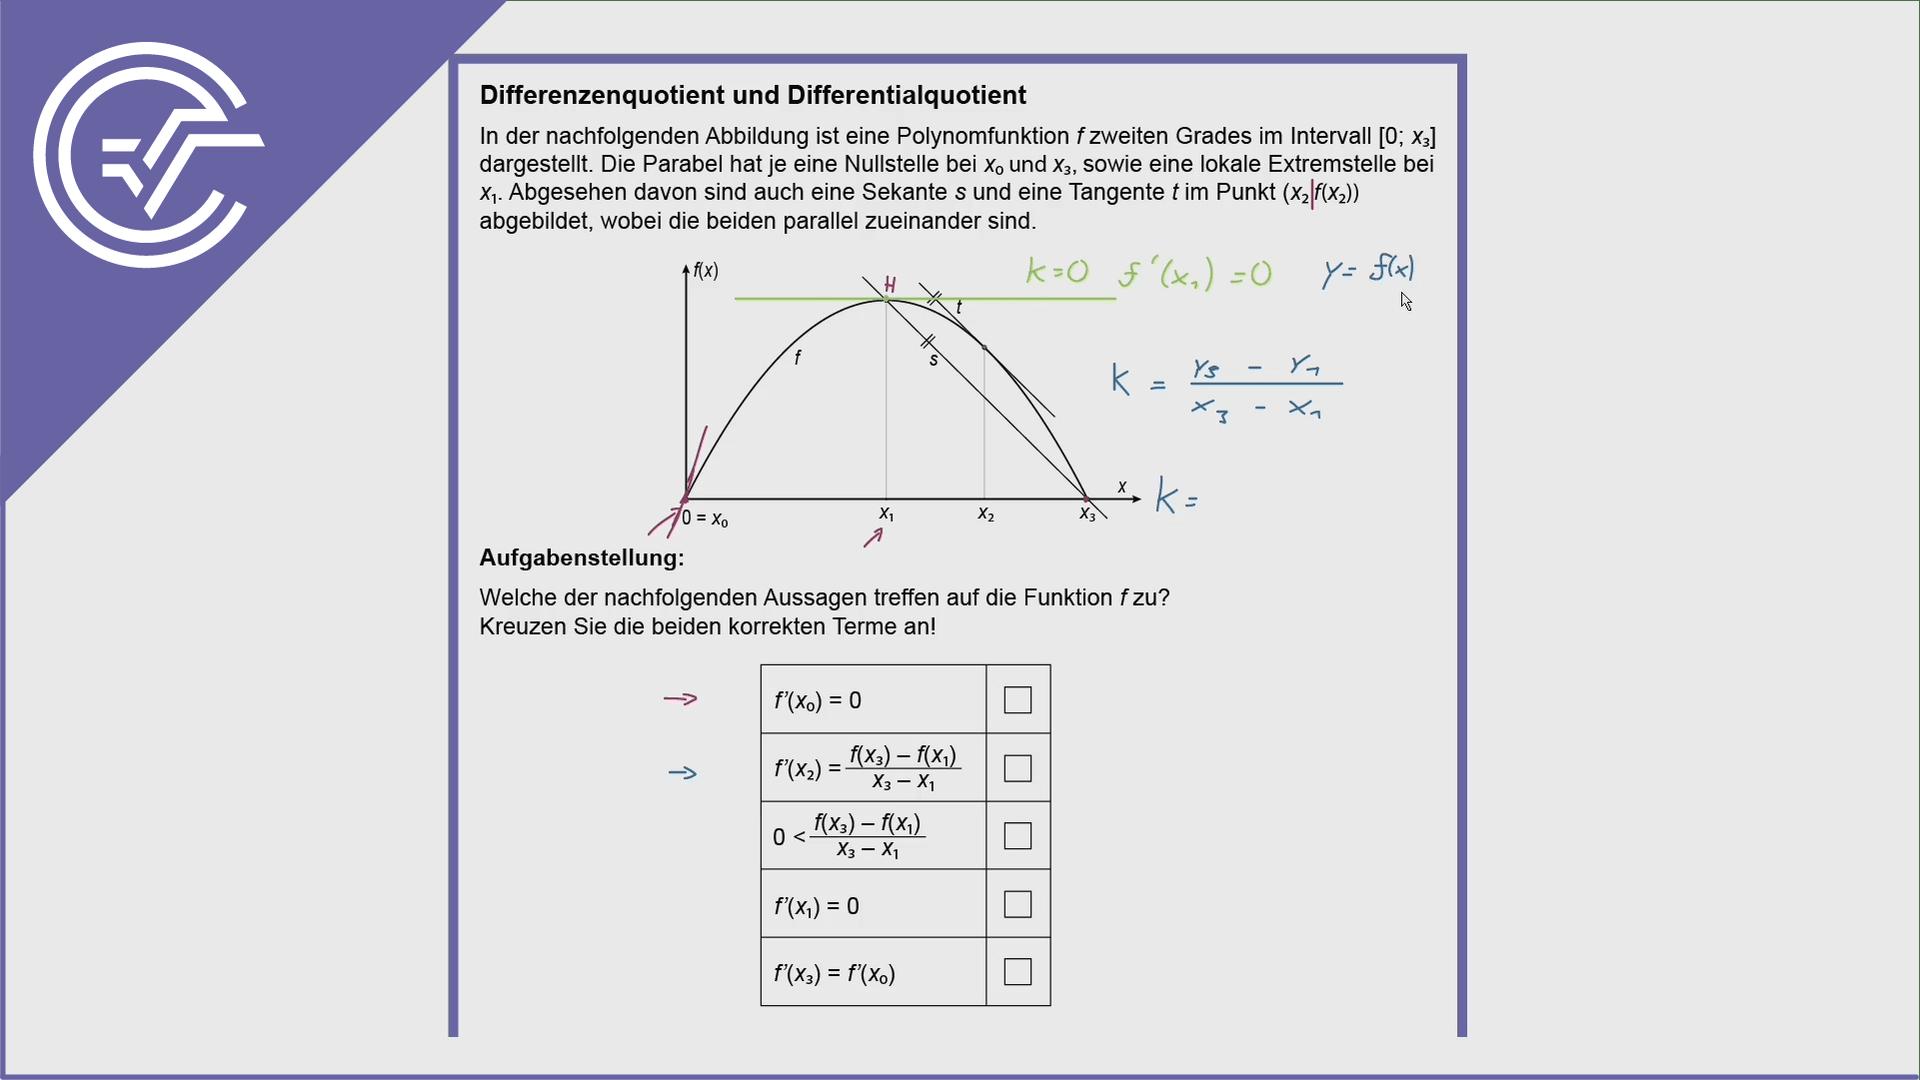 AHS Zentralmatura Aufgabe 13 - Differenzen- und Differentialquotient